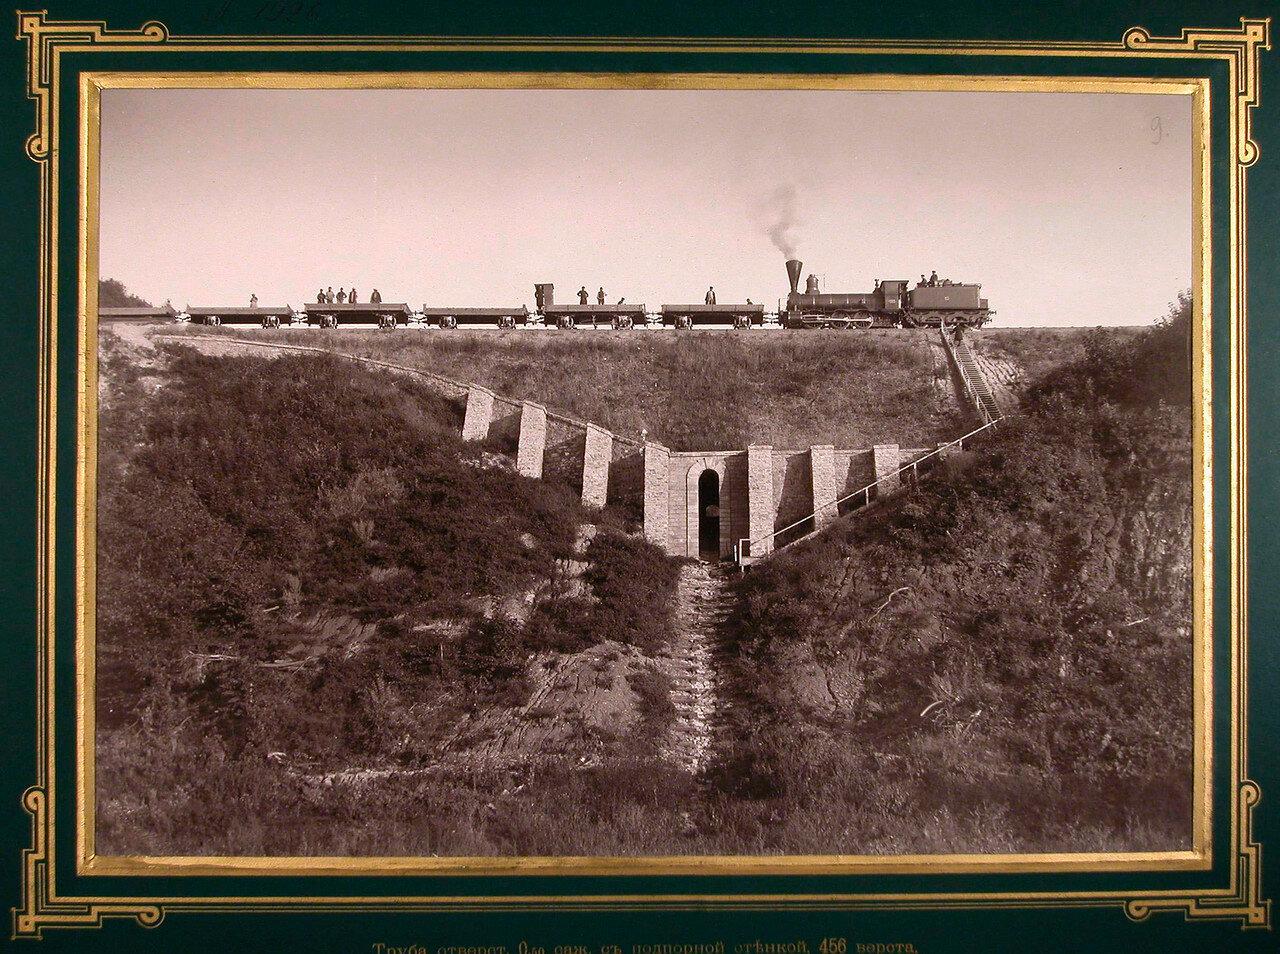 09. Железнодорожный состав на 456 версте; в центре - труба (отверстие 0,50 саженей с подпорной стенкой)